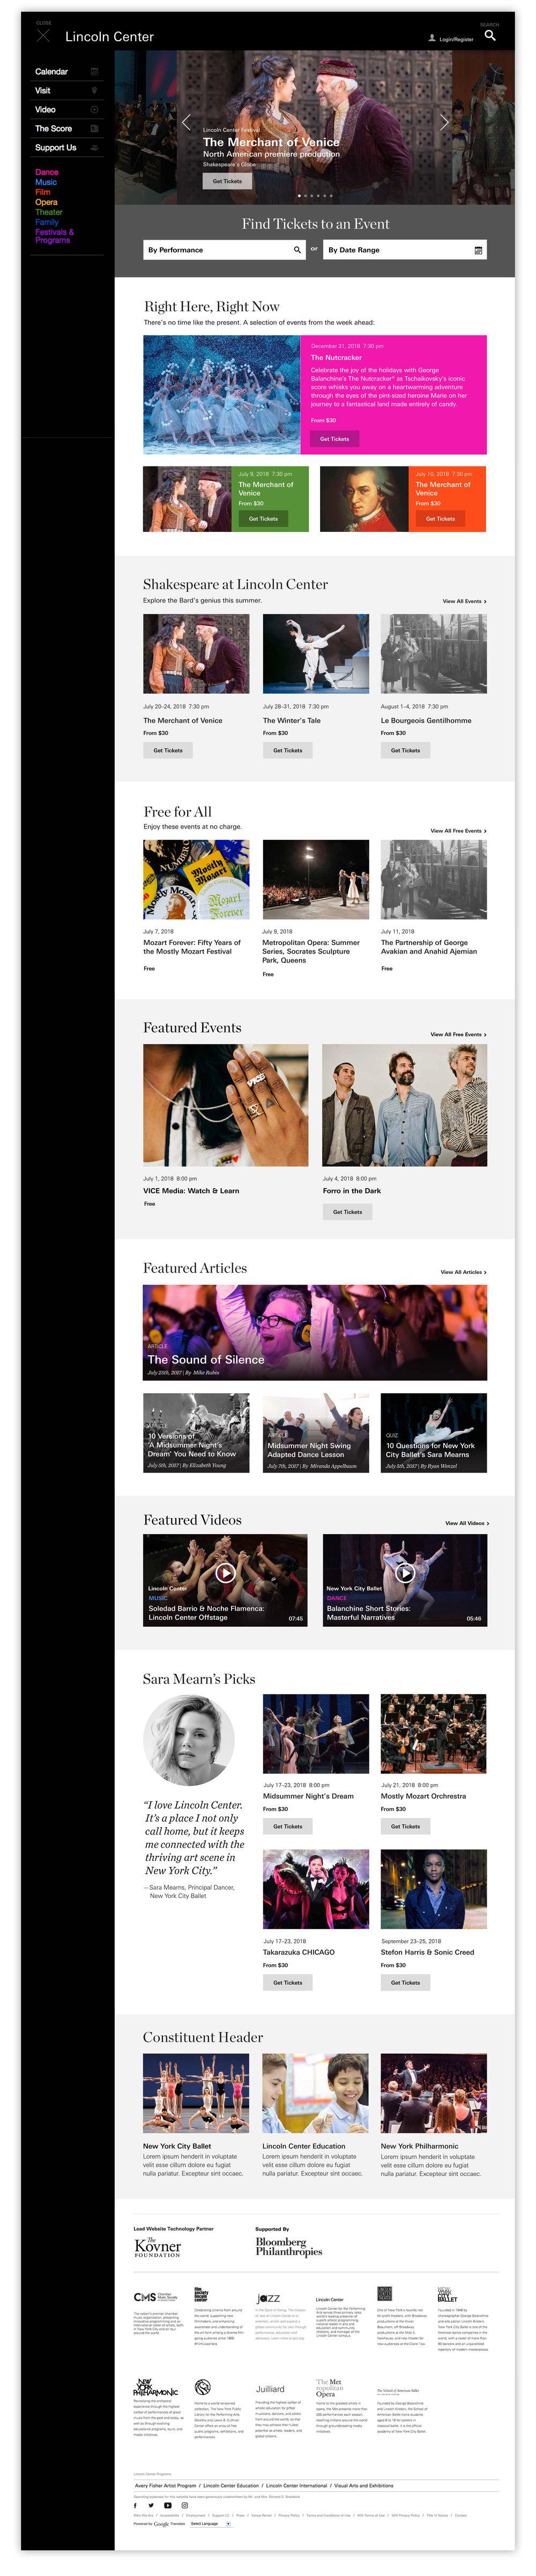 homepage-lc.org.jpg